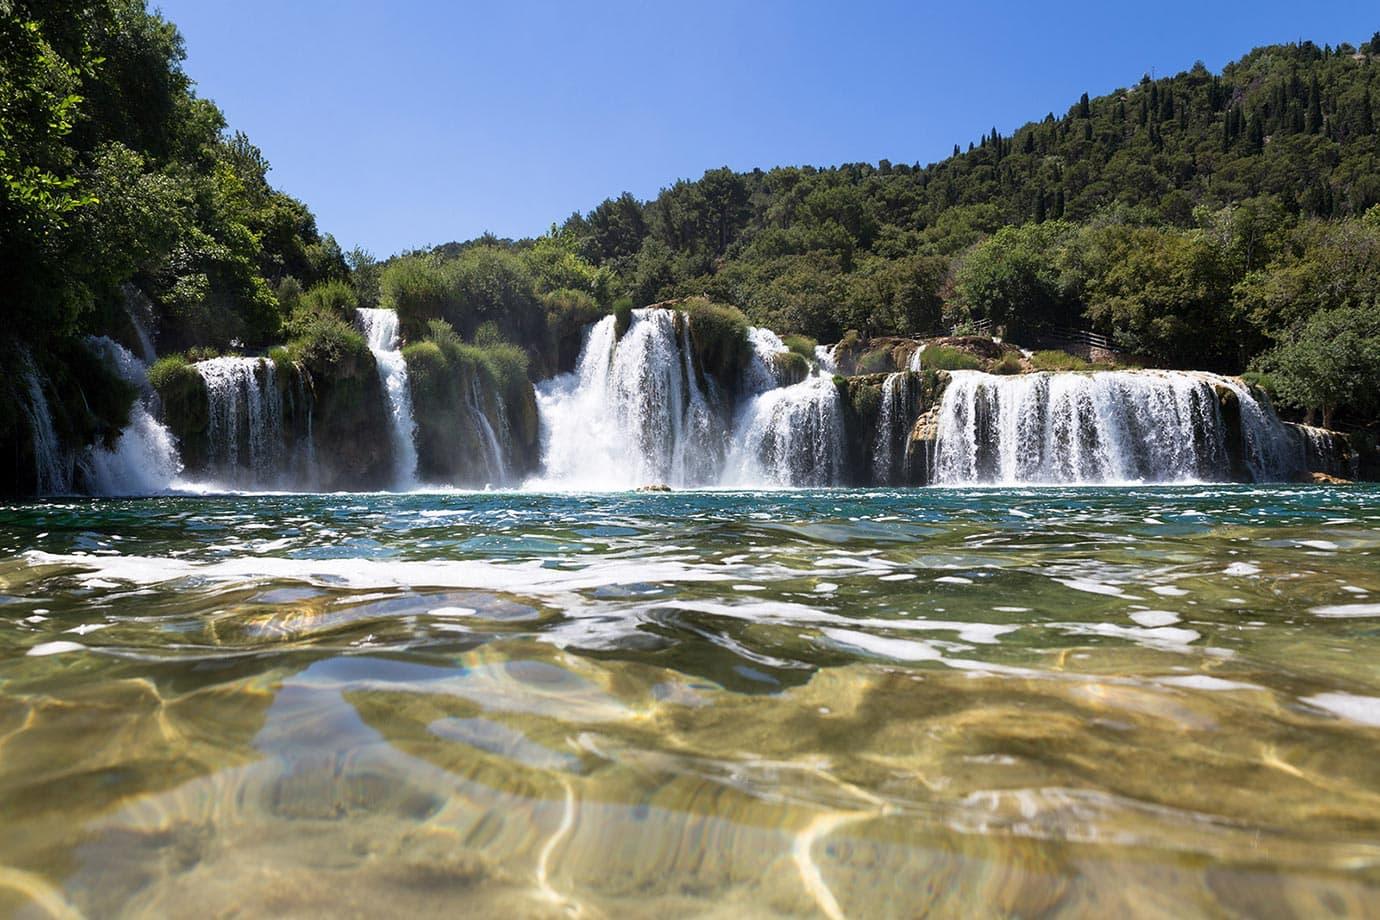 Krkr National Park